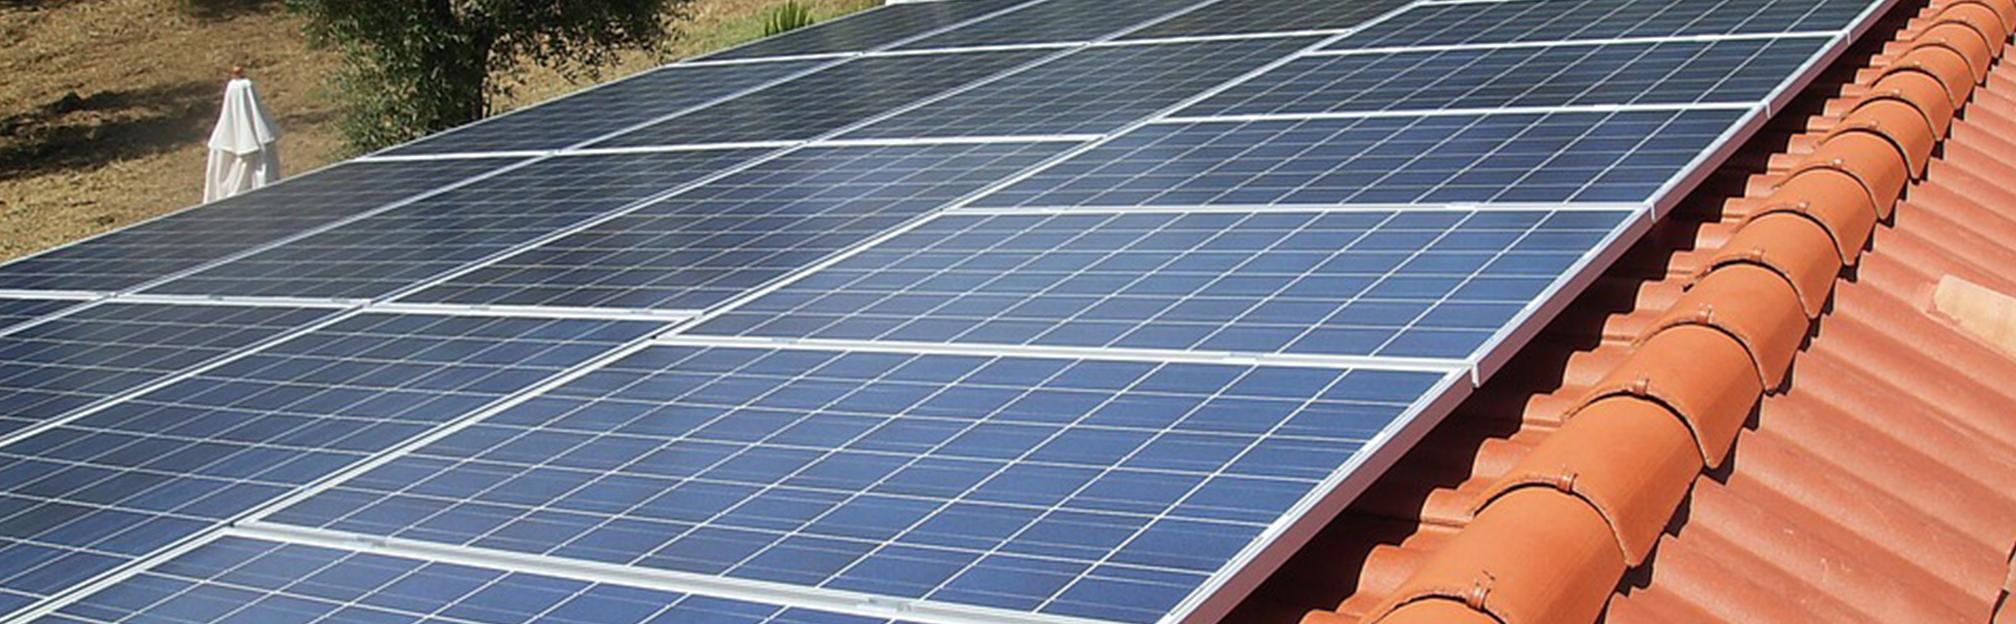 panneaux solaires photovoltaïques rennes a travers toit